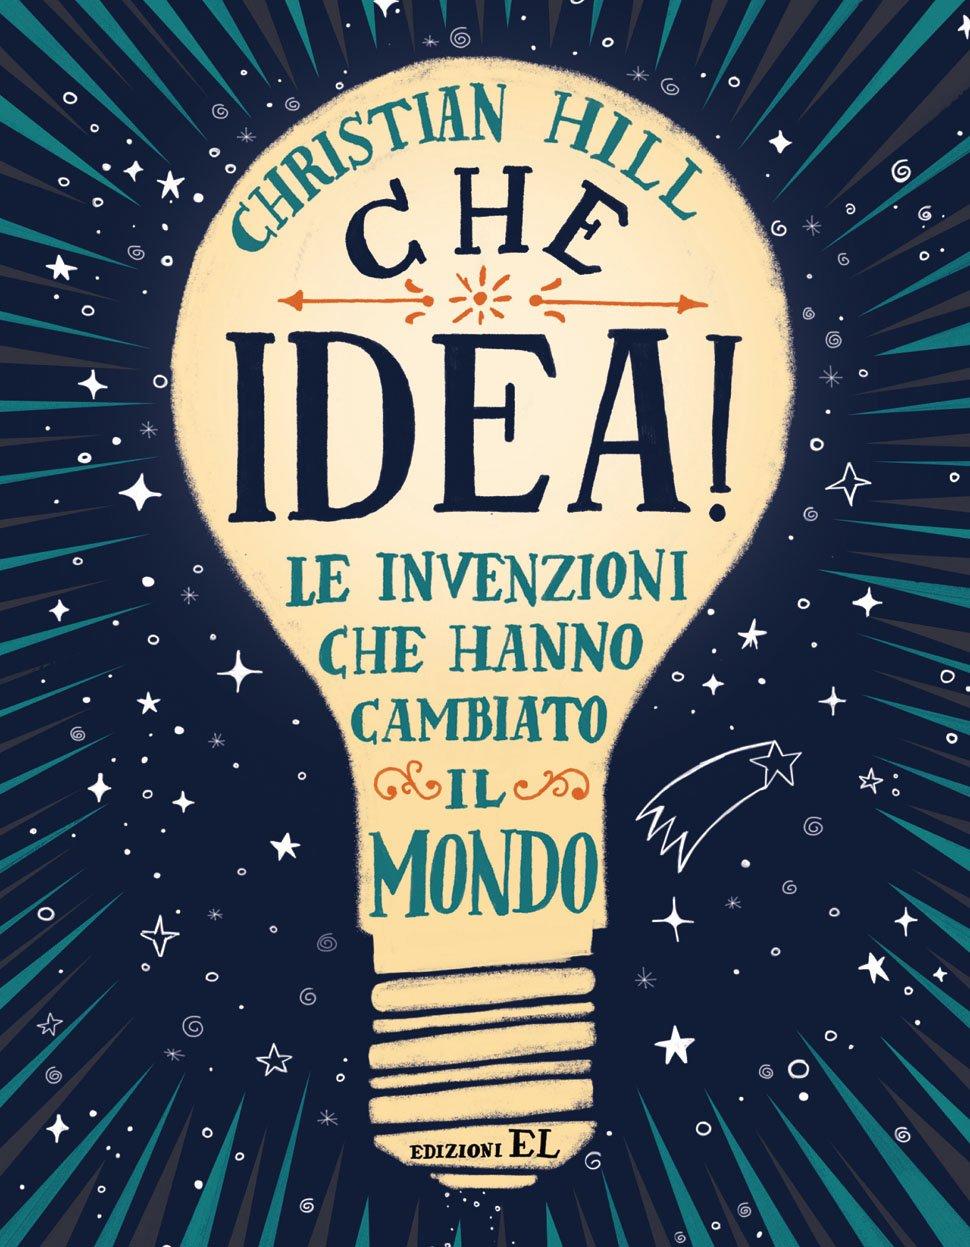 Libri Per Bimbi: Che Idea! Le Invenzioni Che Hanno Cambiato Il Mondo